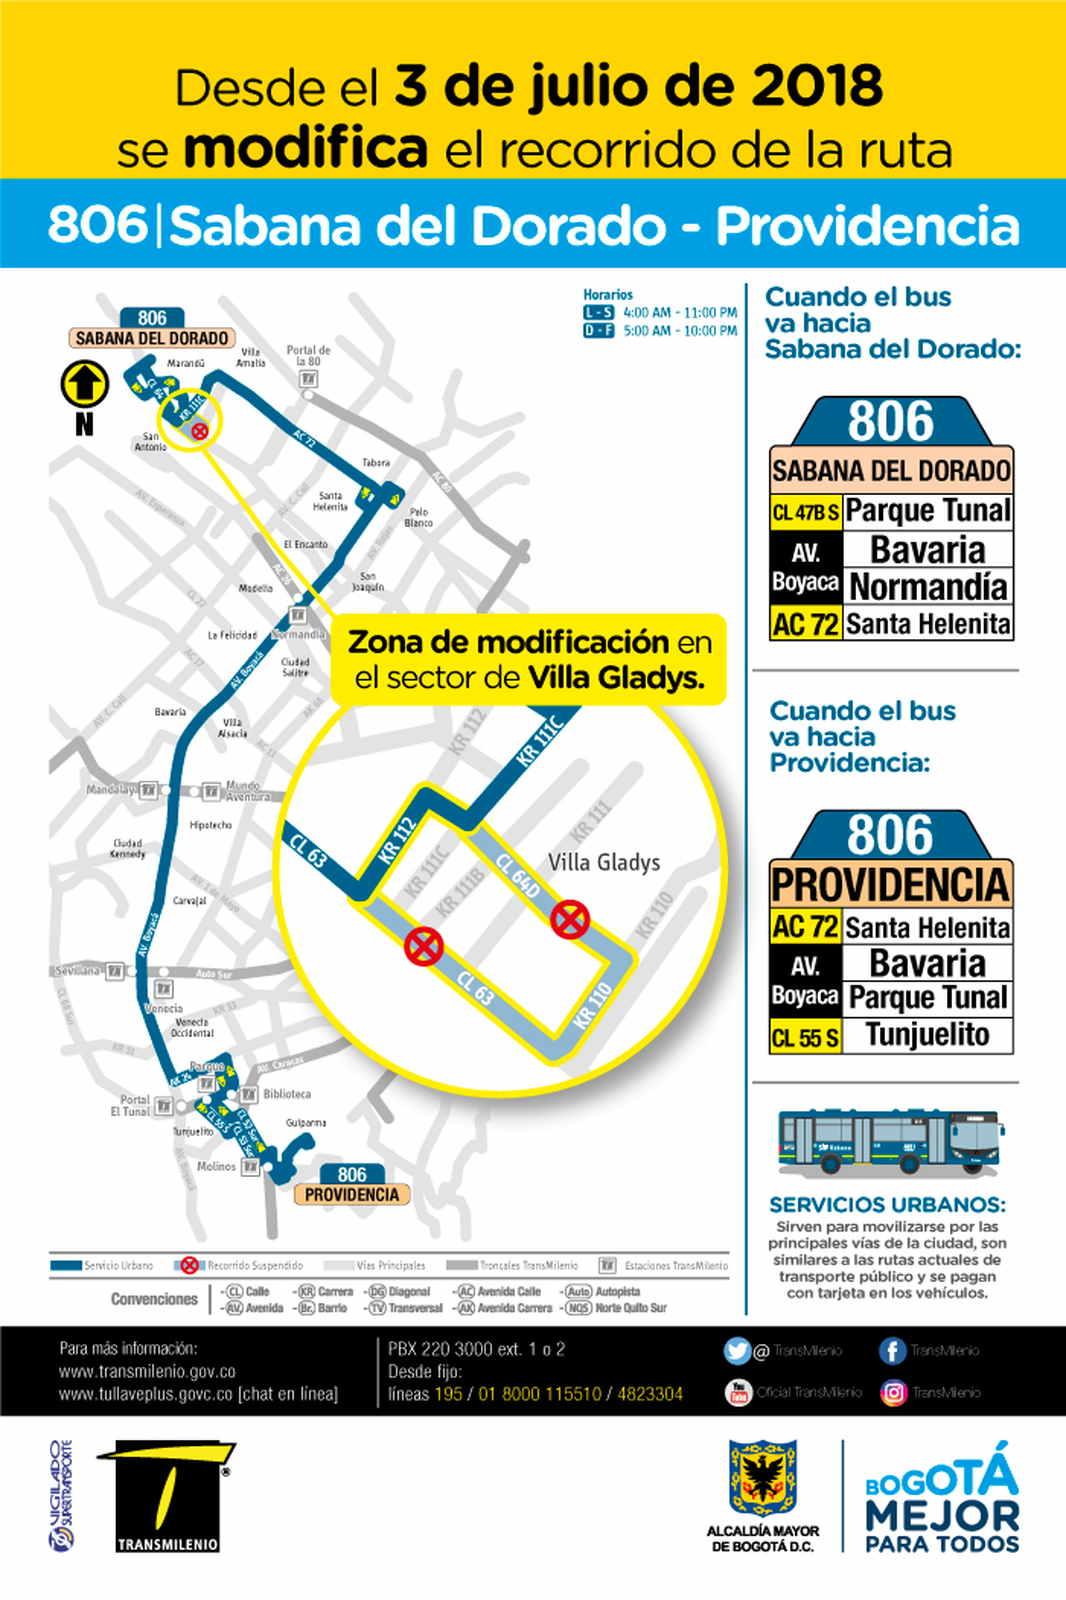 Volante informativo de los cambios temporales en la urbana en su recorrido: 806 Sabana del Dorado - Providencia